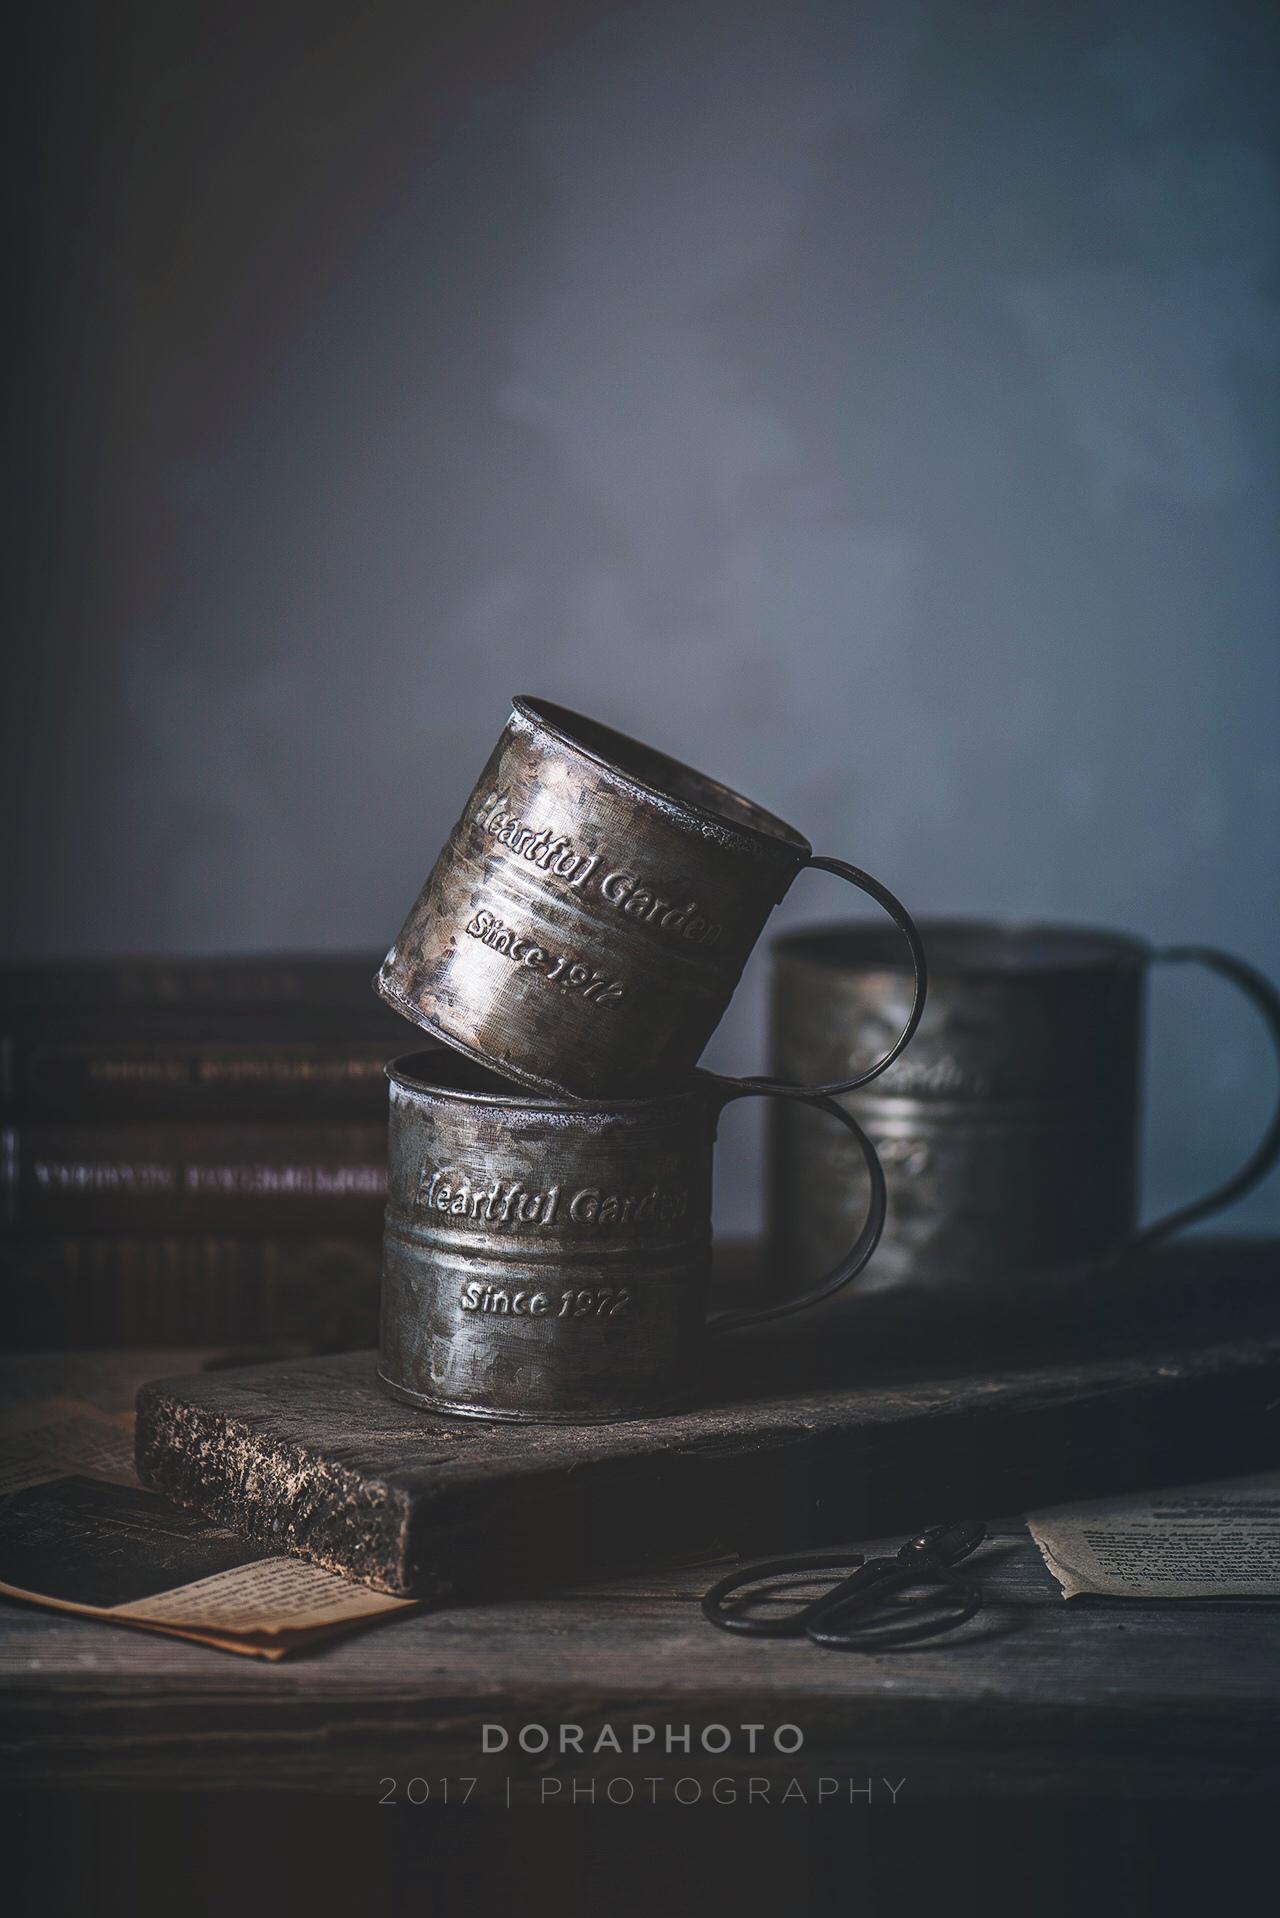 Дора фотография реквизит ретро английский печать железо цветок баррель обрабатывать сделать старый обрабатывать чашка